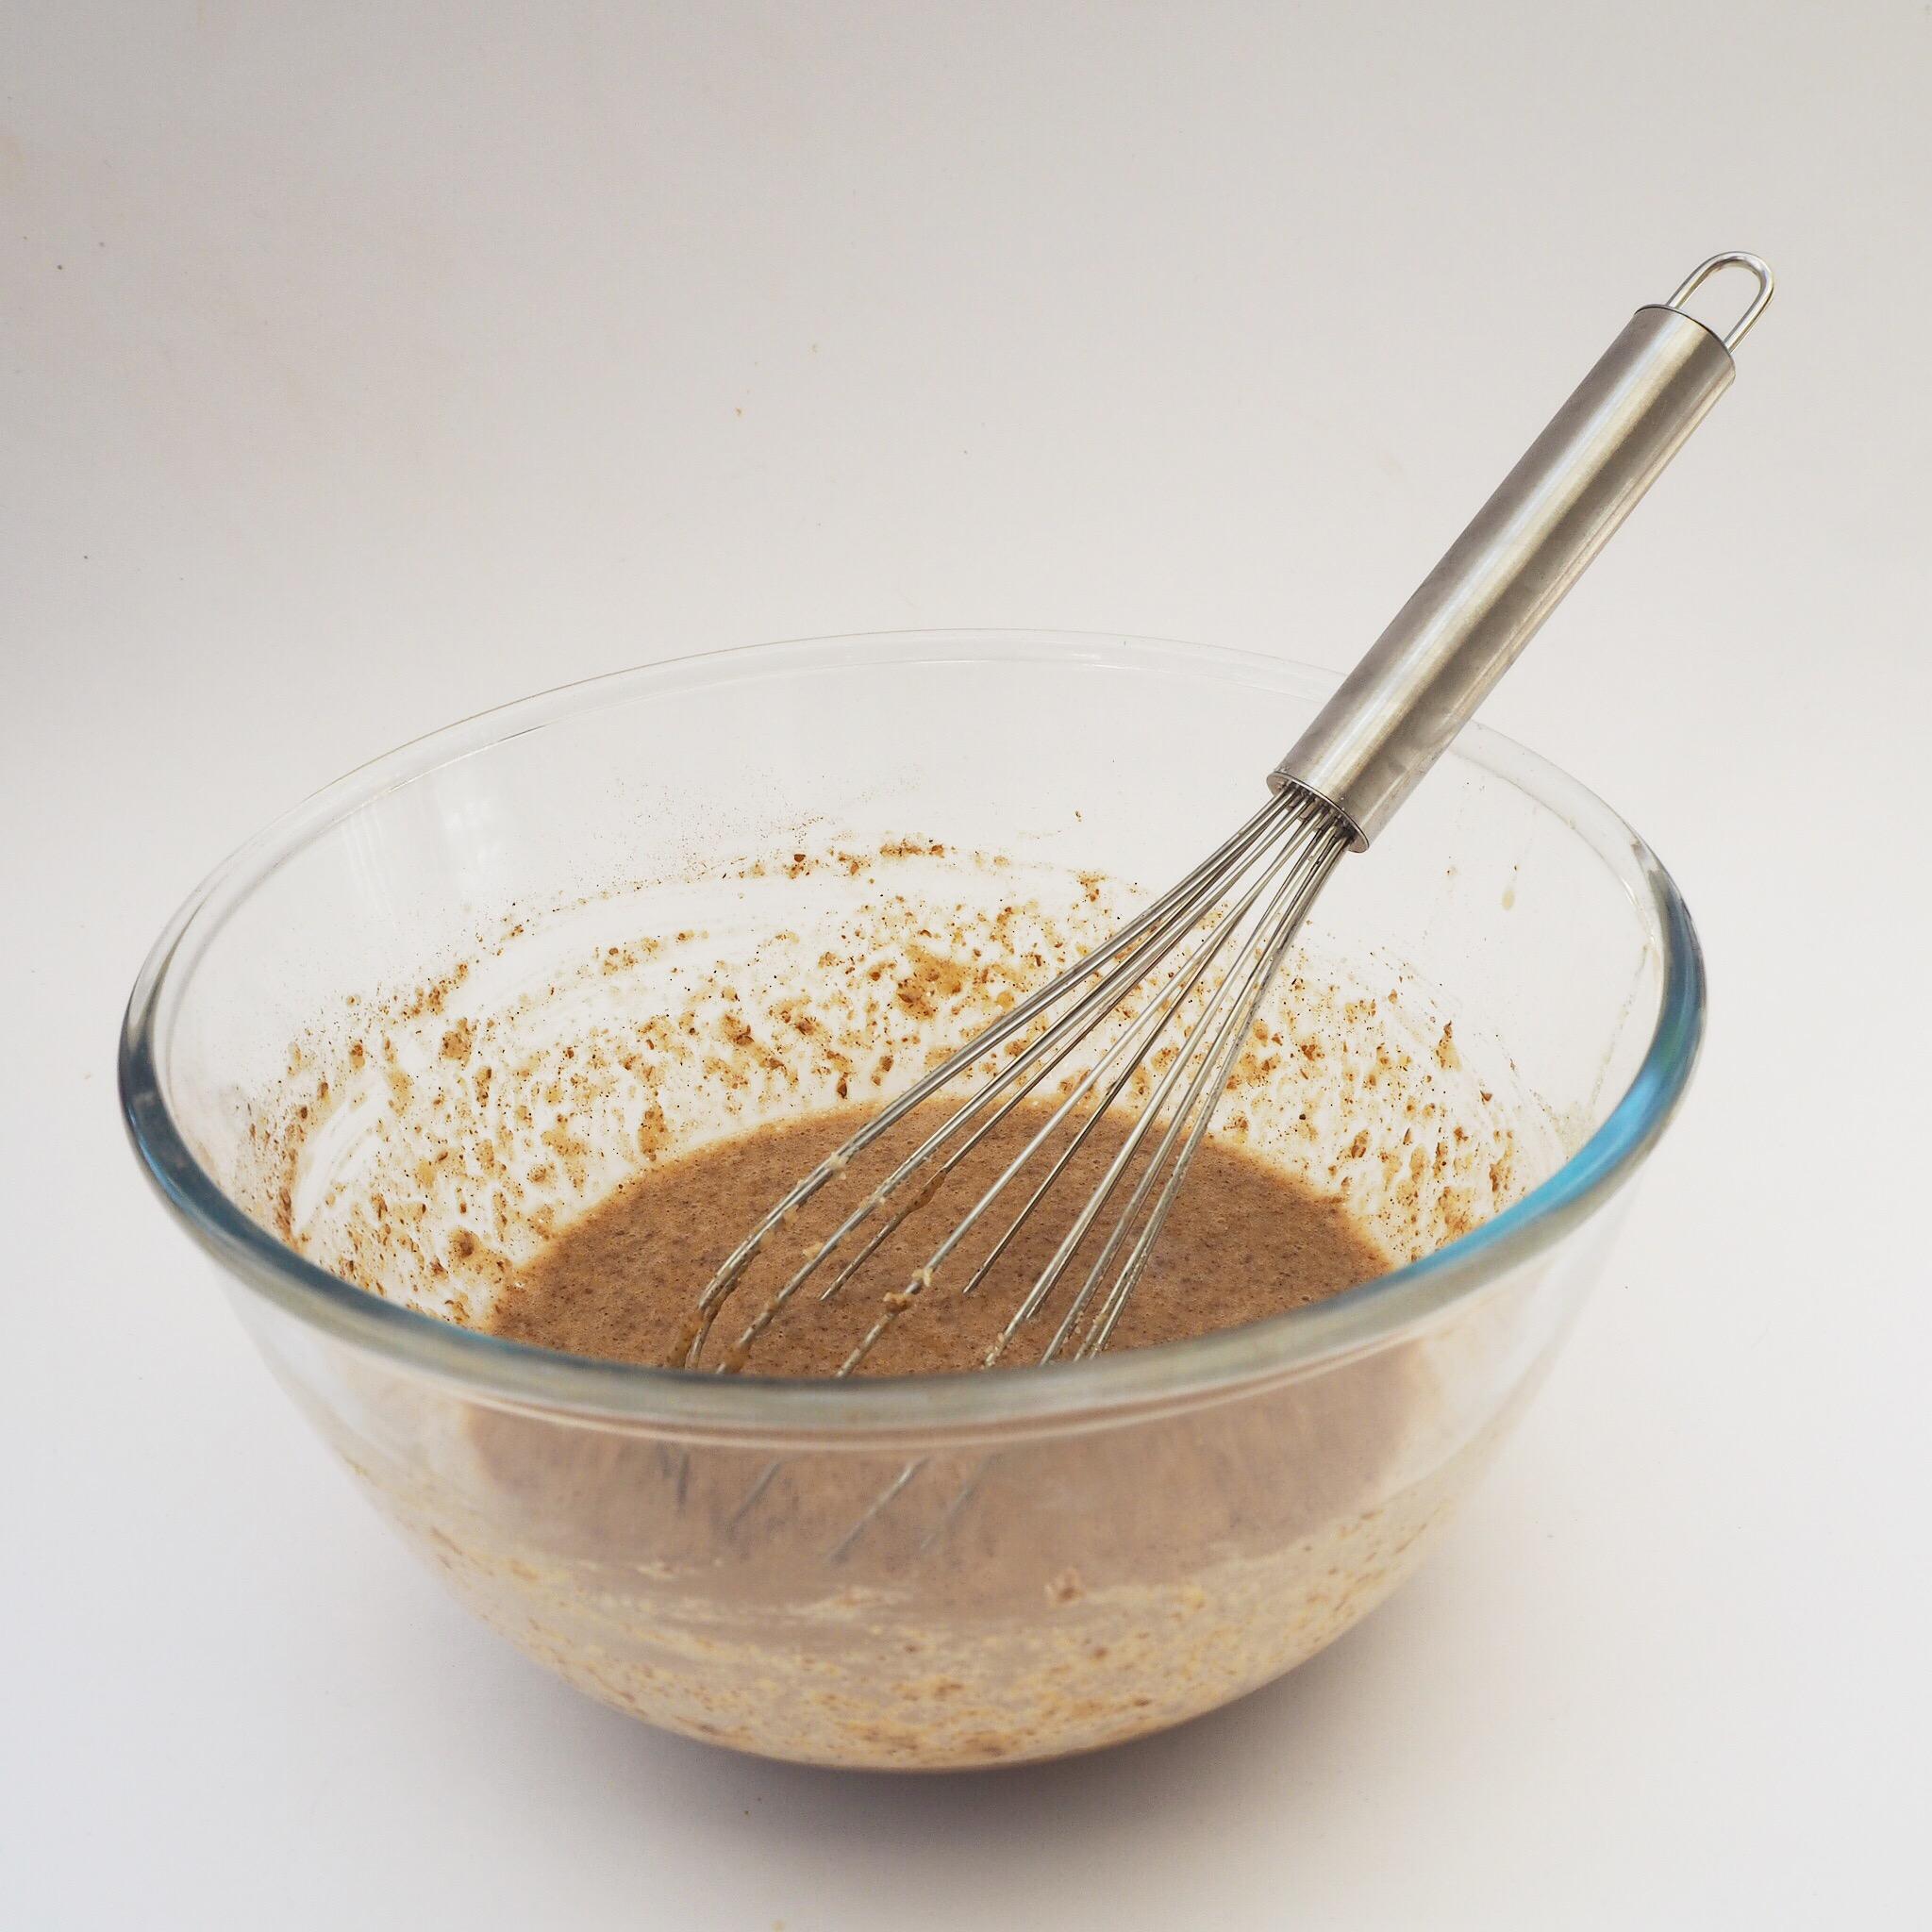 Gluten free pancake recipe - batter